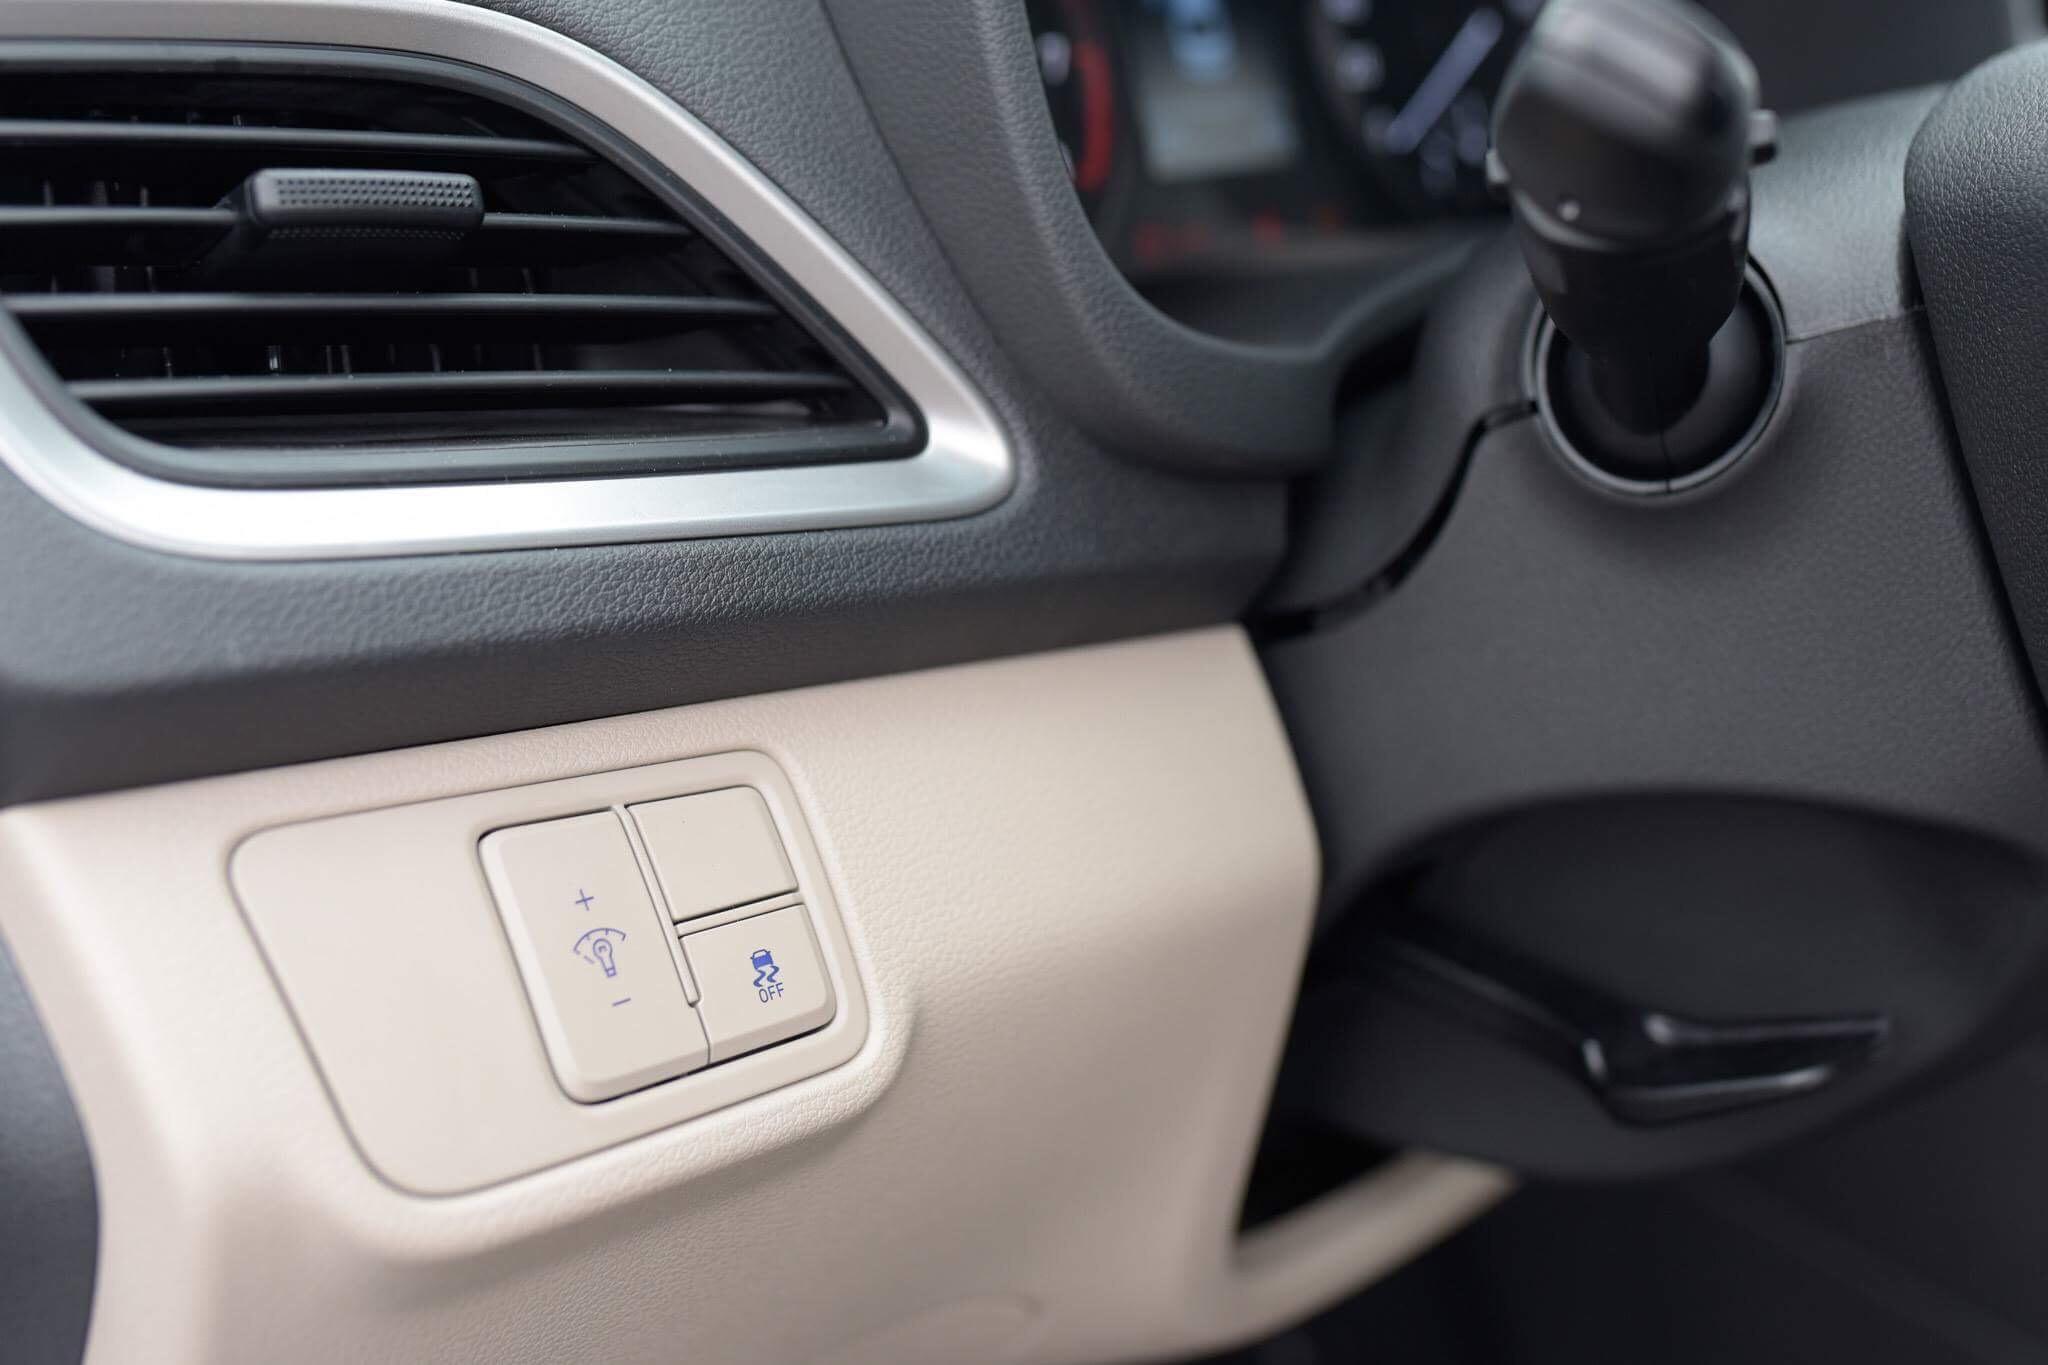 Hyundai accent anh 33 - Hyundai Accent mới: giá xe và khuyến mãi tháng [hienthithang]/[hienthinam]